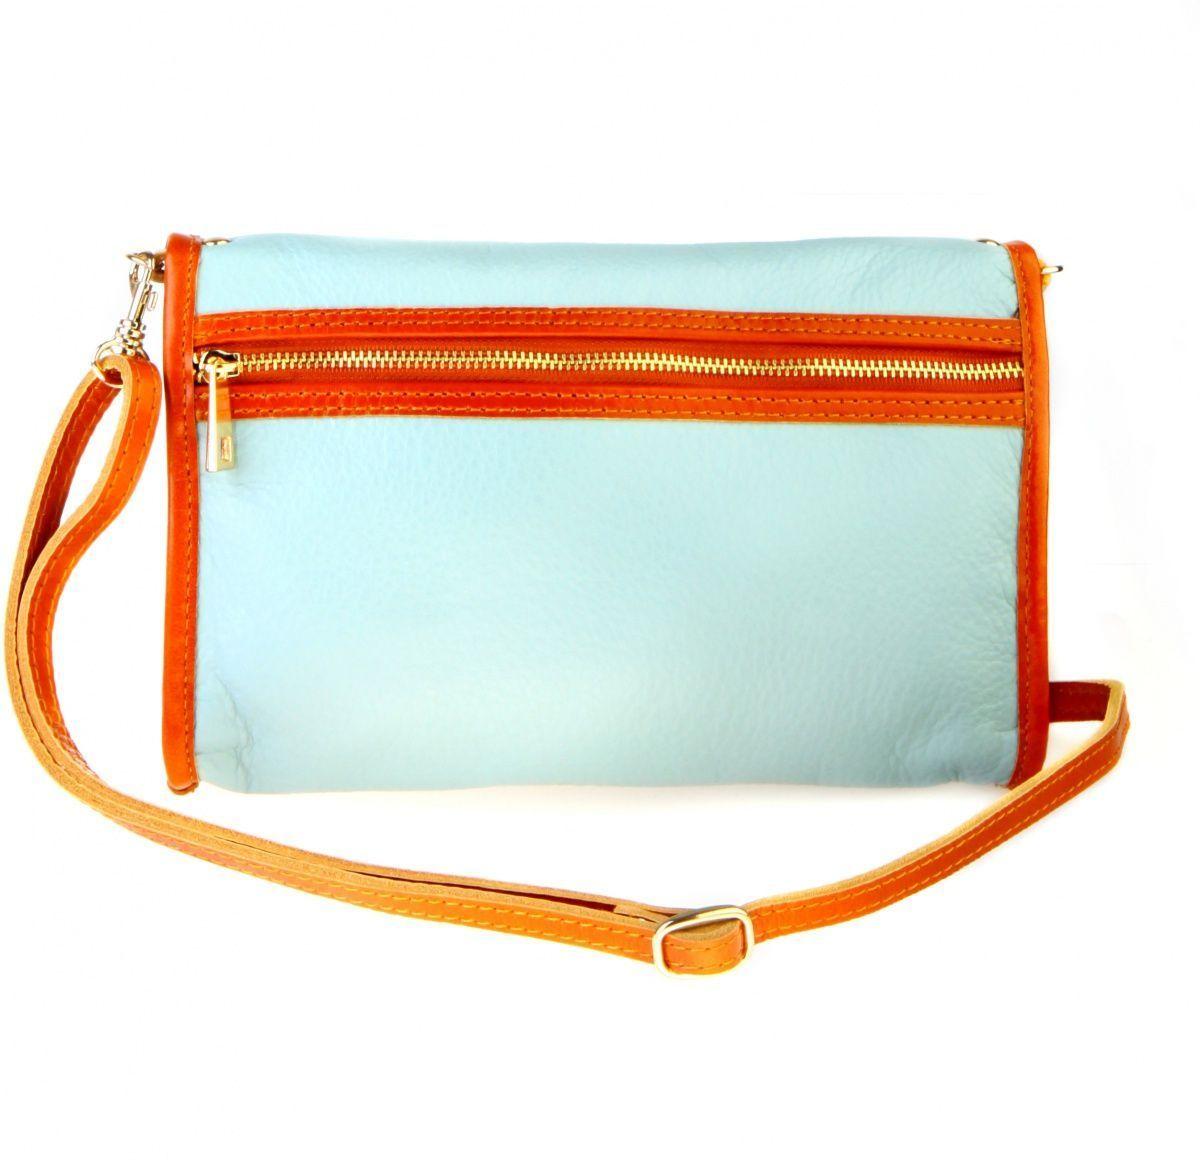 StatusBag - интернет магазин кожаных сумок, купить